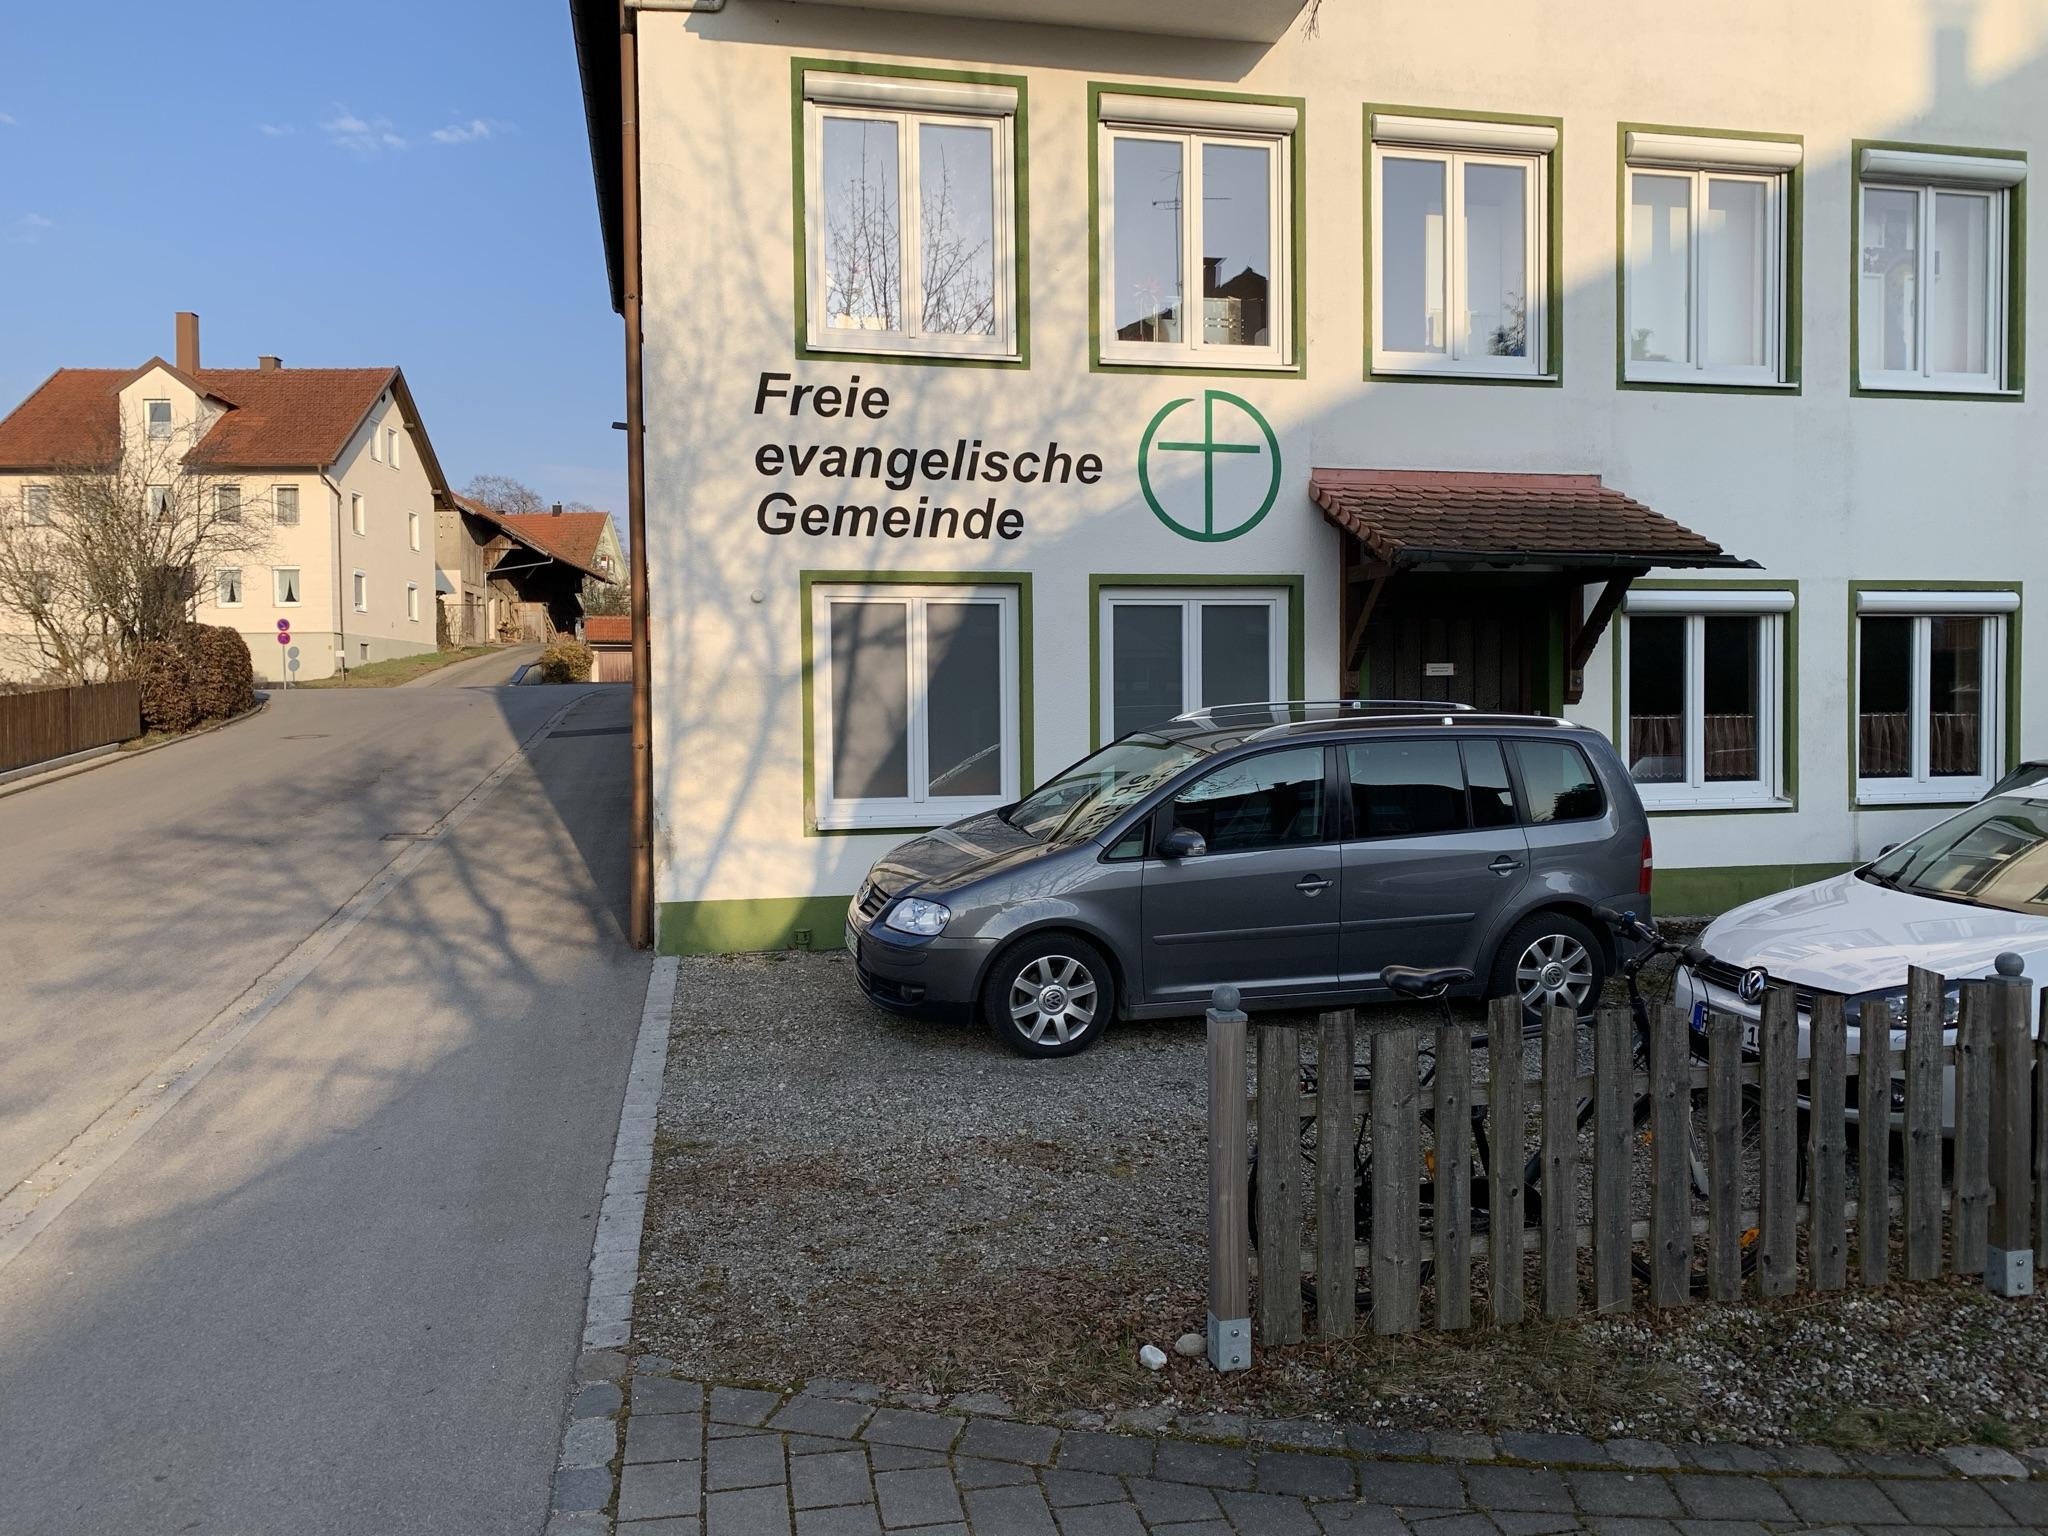 Freie evangelische Gemeinde Bad Wörishofen 2.JPEG